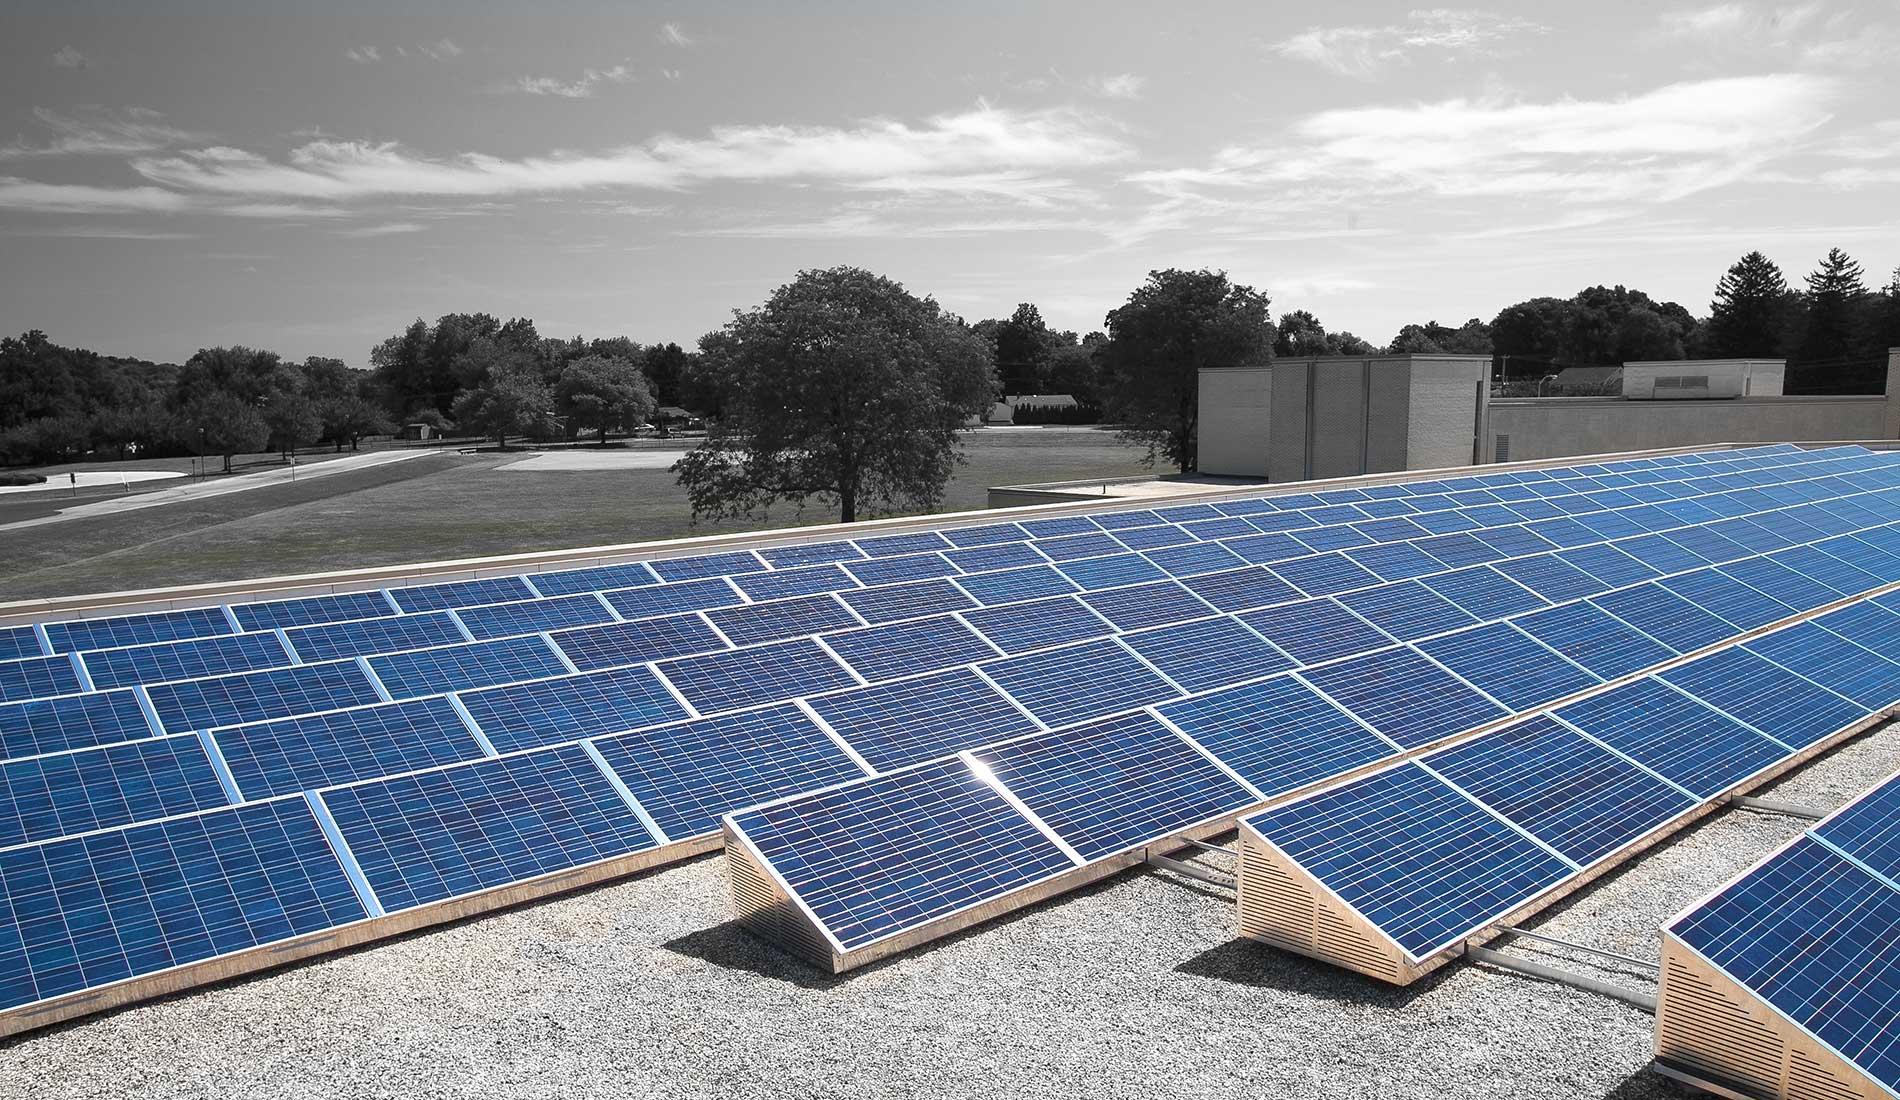 SolarDock solar panel installation